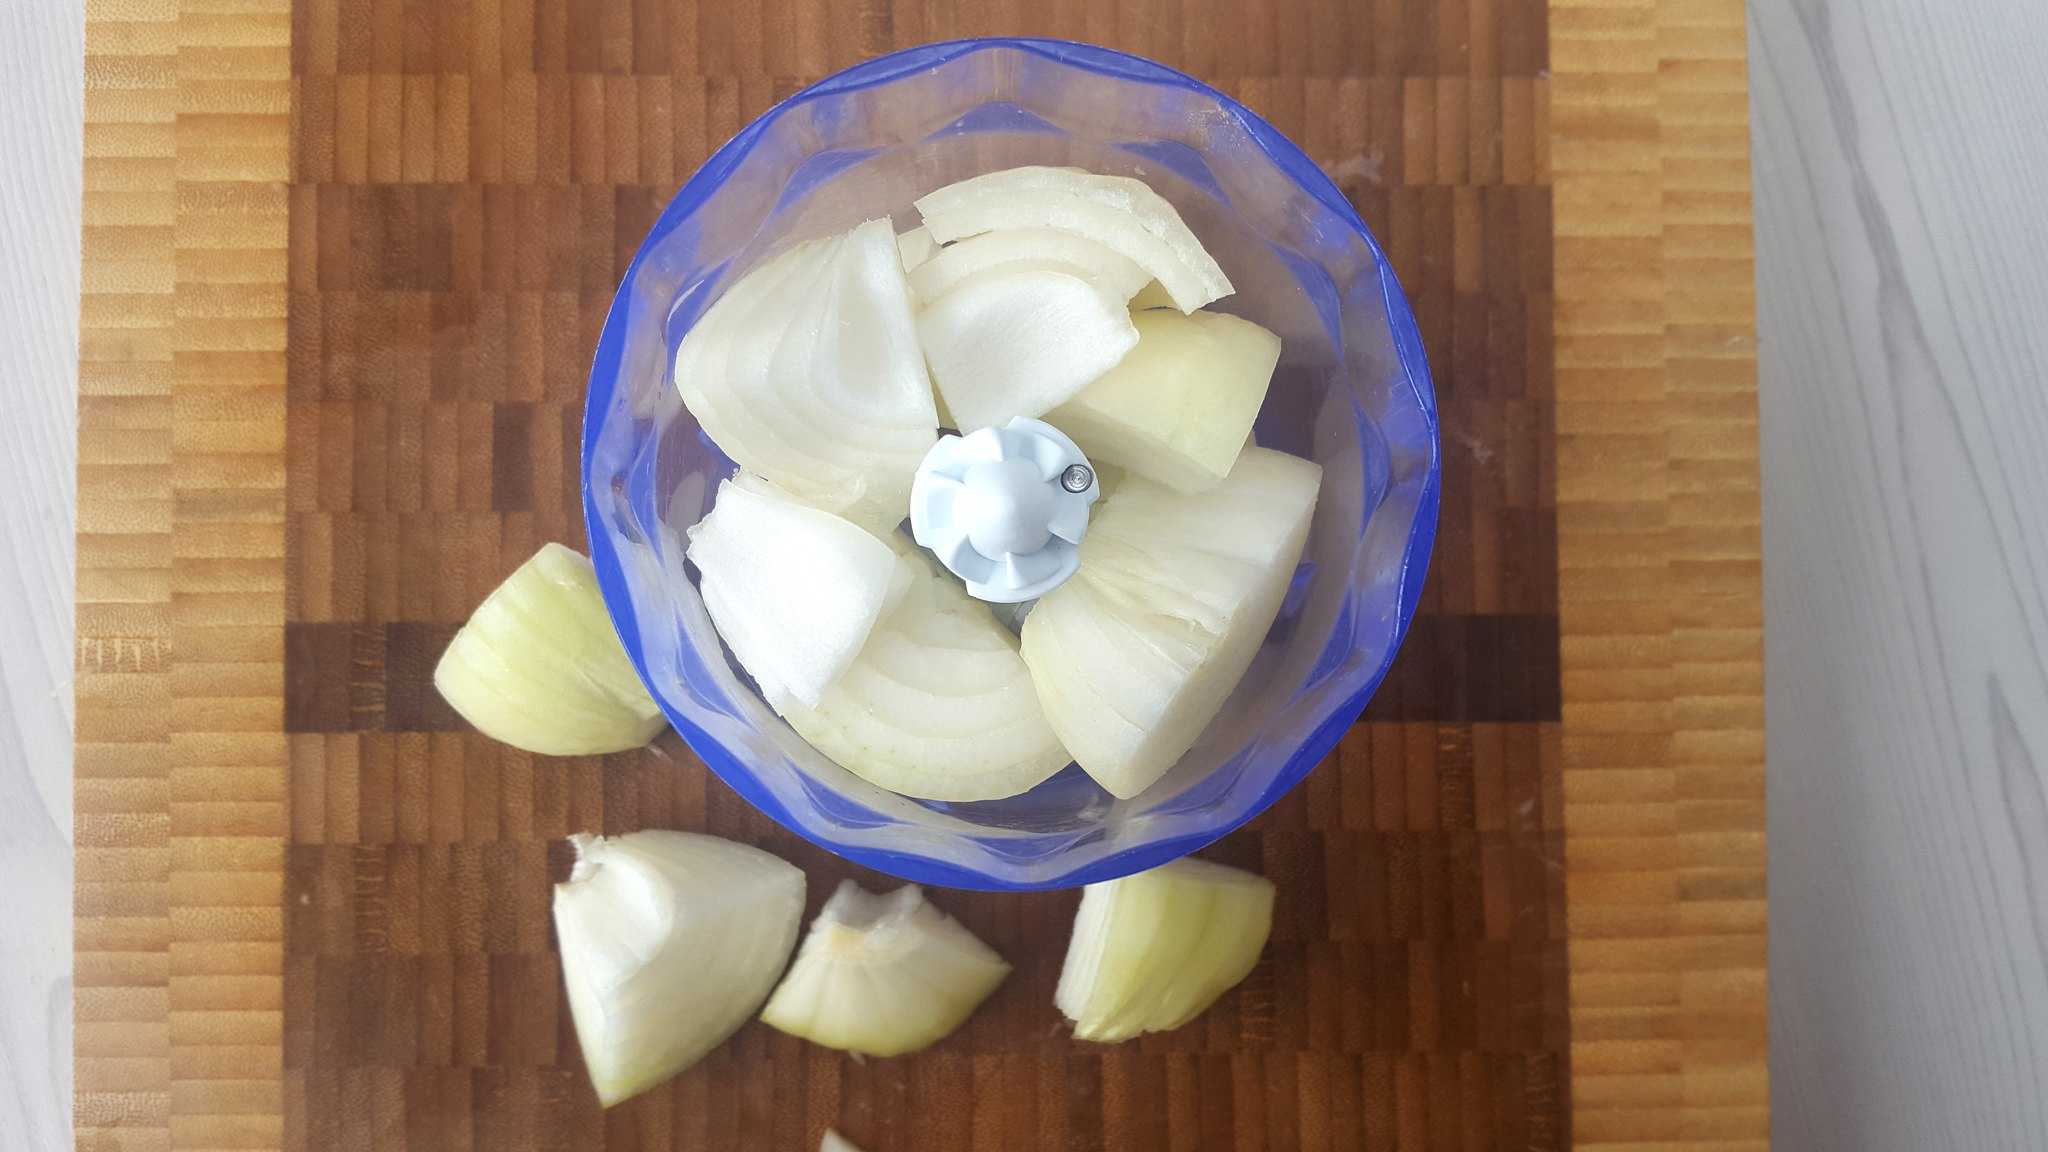 Recipe for Homemade Danish Scalloped Potatoes (Flødekartofler)